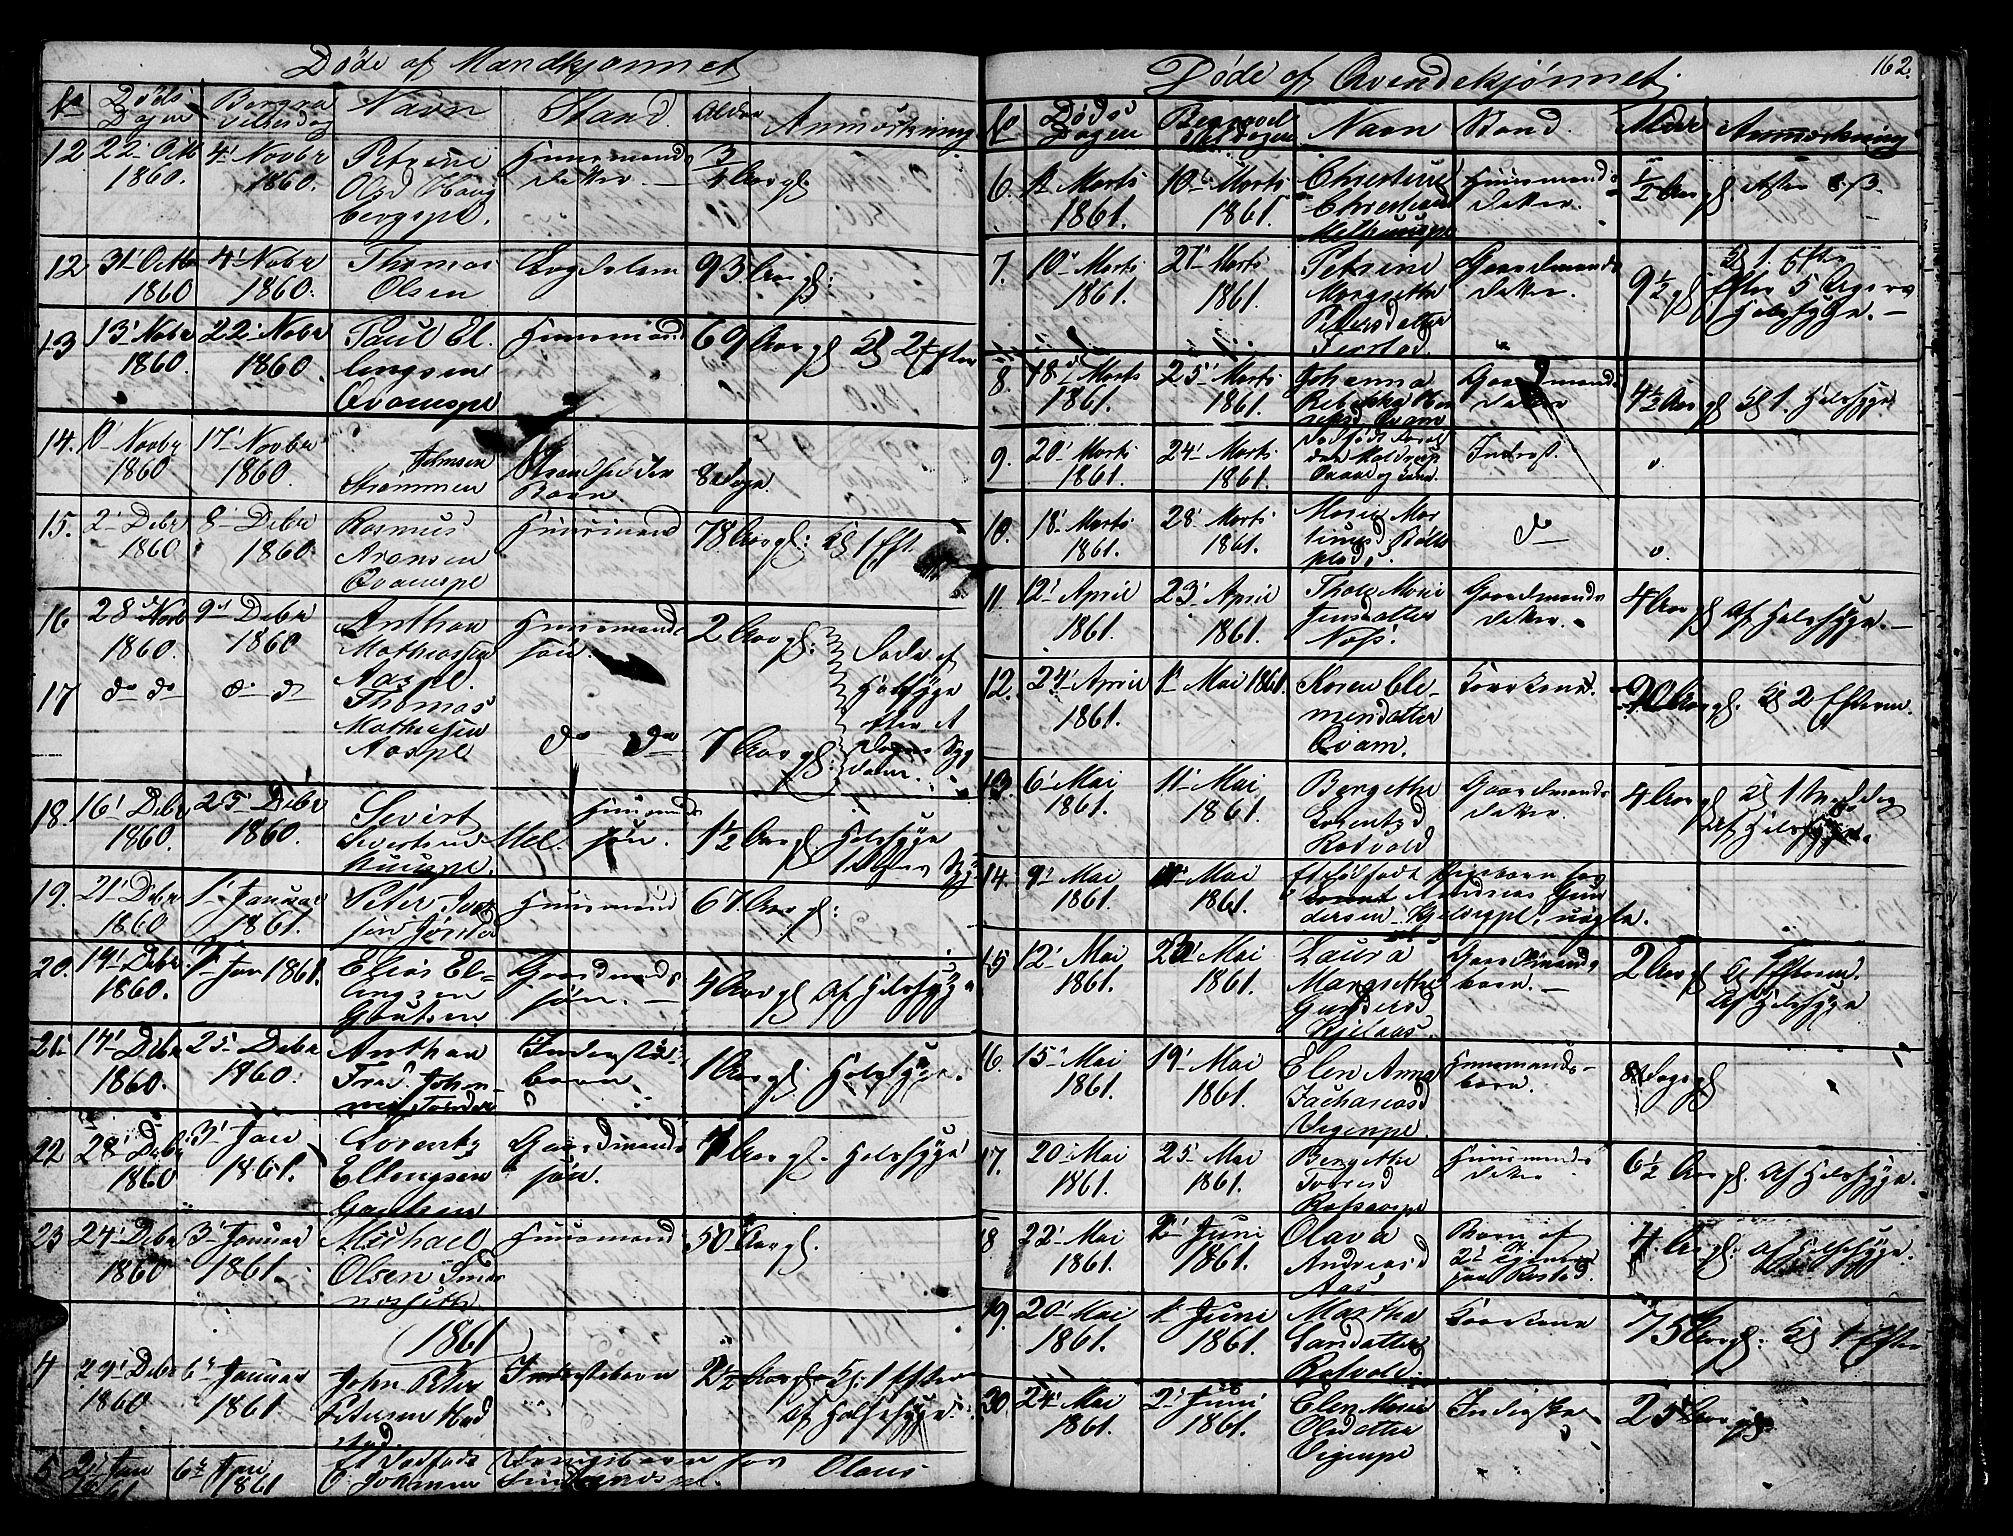 SAT, Ministerialprotokoller, klokkerbøker og fødselsregistre - Nord-Trøndelag, 730/L0299: Klokkerbok nr. 730C02, 1849-1871, s. 162